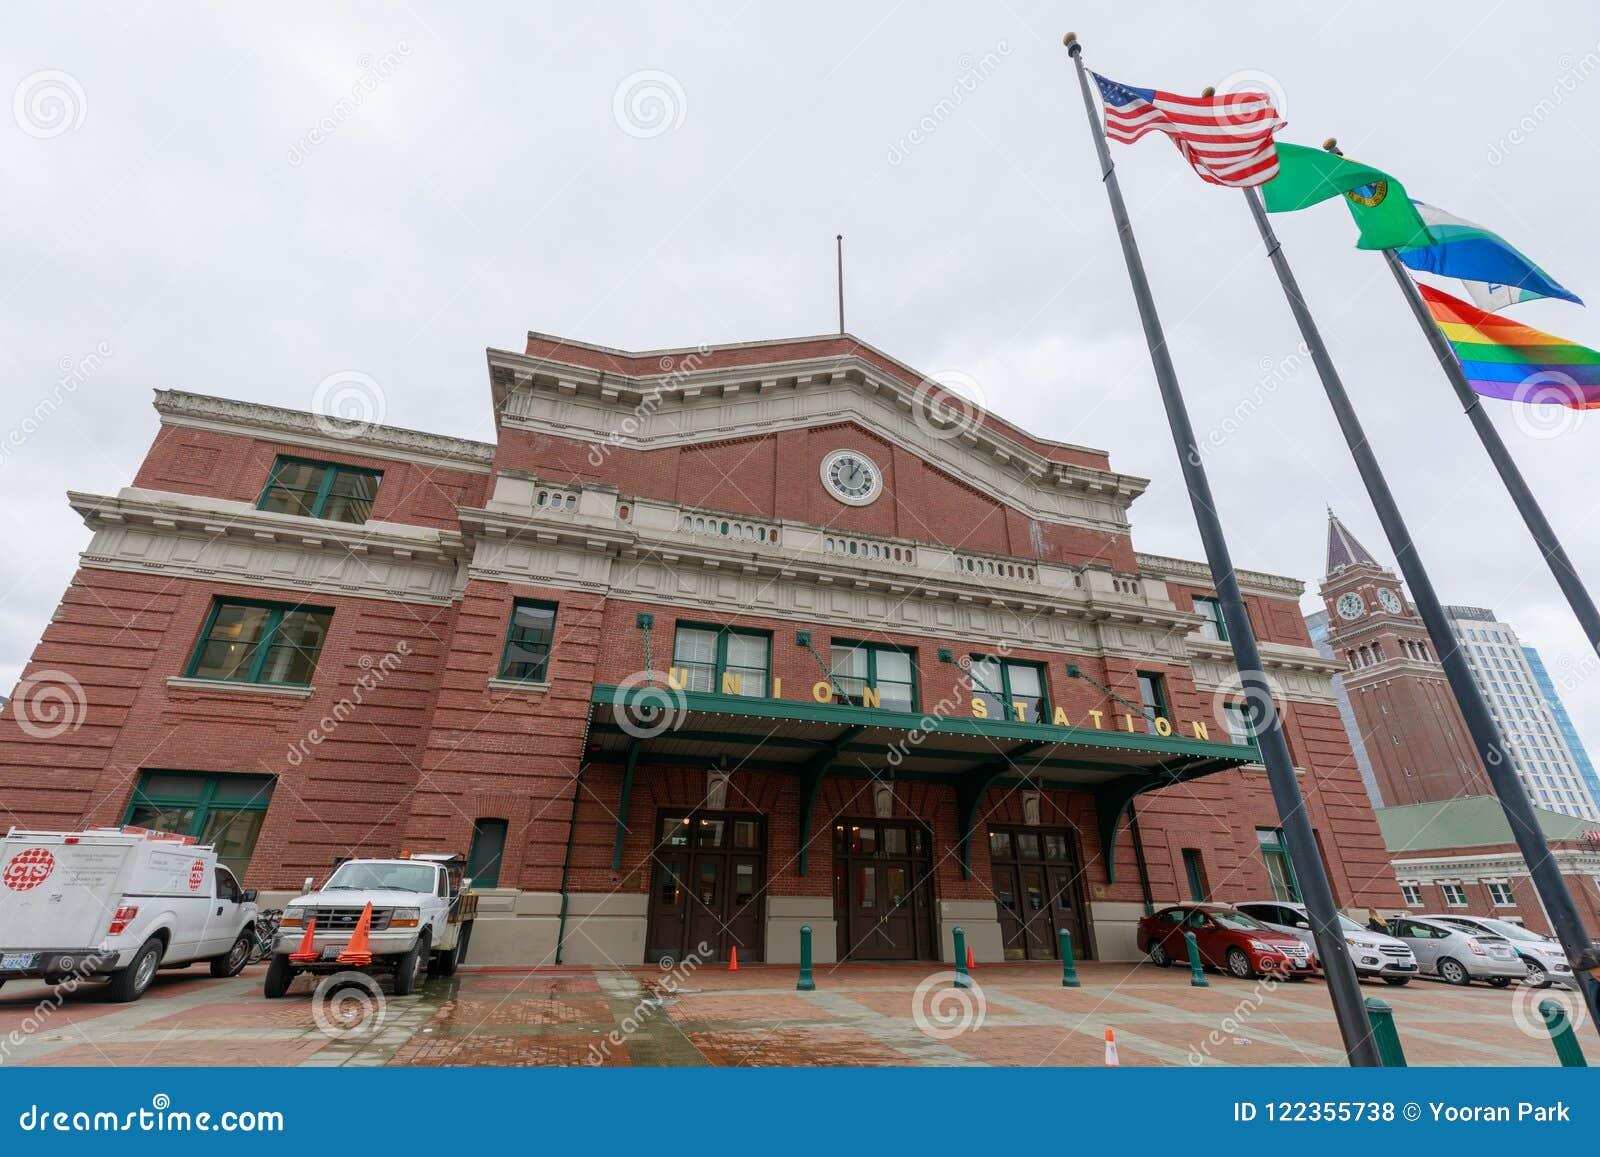 Facklig station, som är en tidigare drevstation i Seattle, Washington, USA